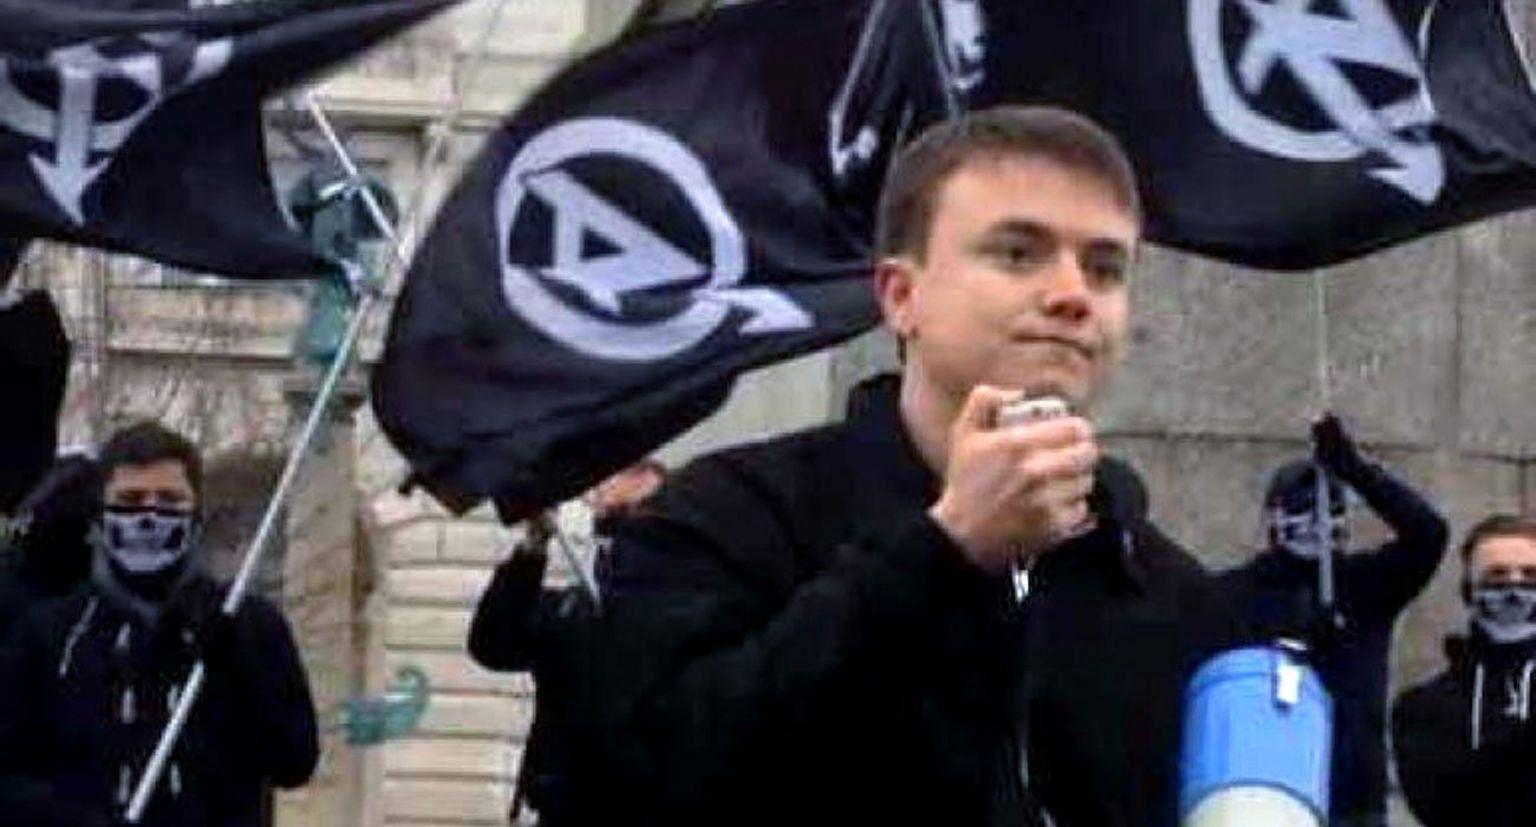 Jack Renshaw at a National Action rally - (NA propaganda material)